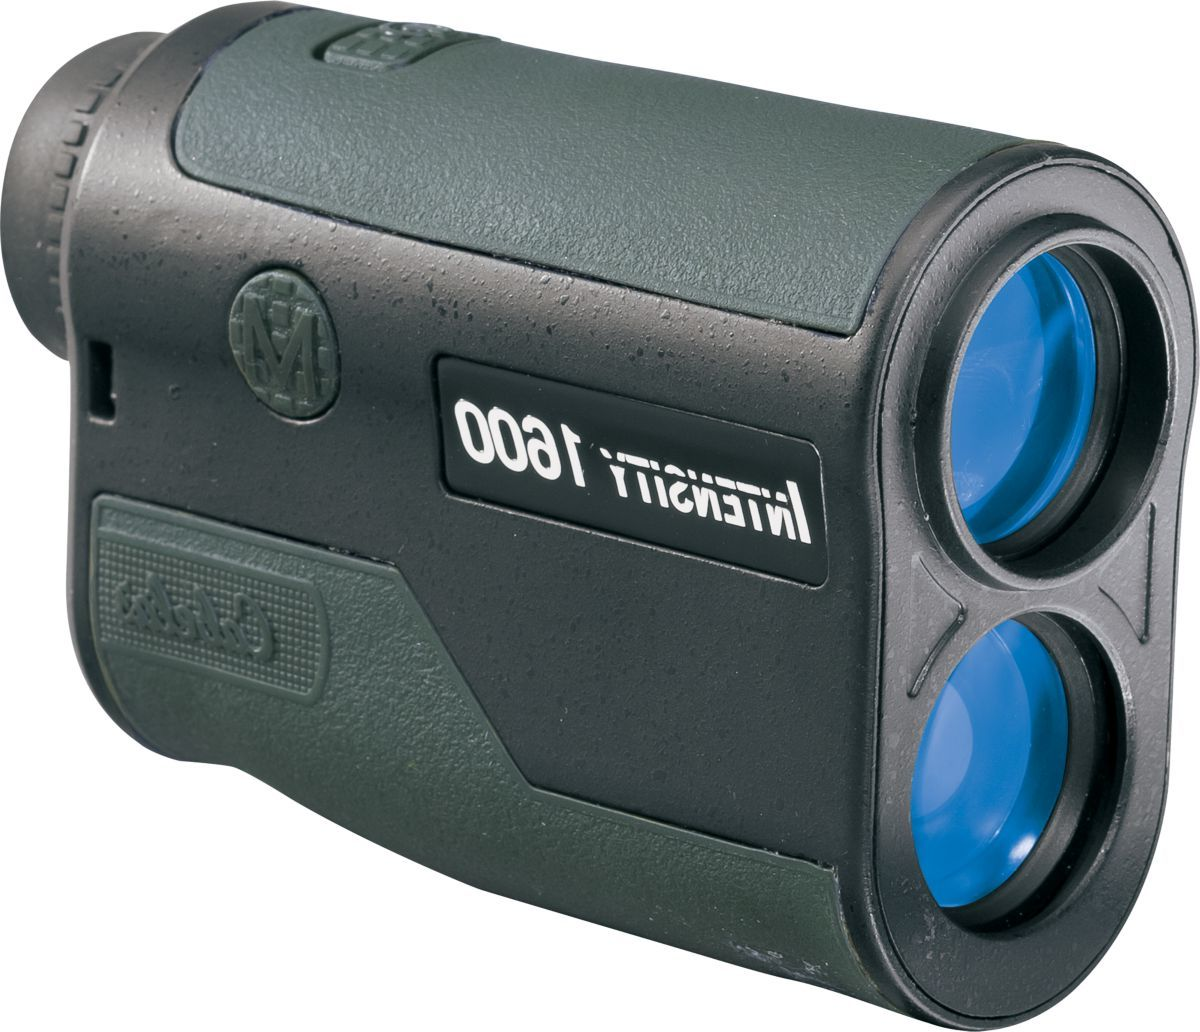 Cabela's Intensity 1600 Laser Rangefinder